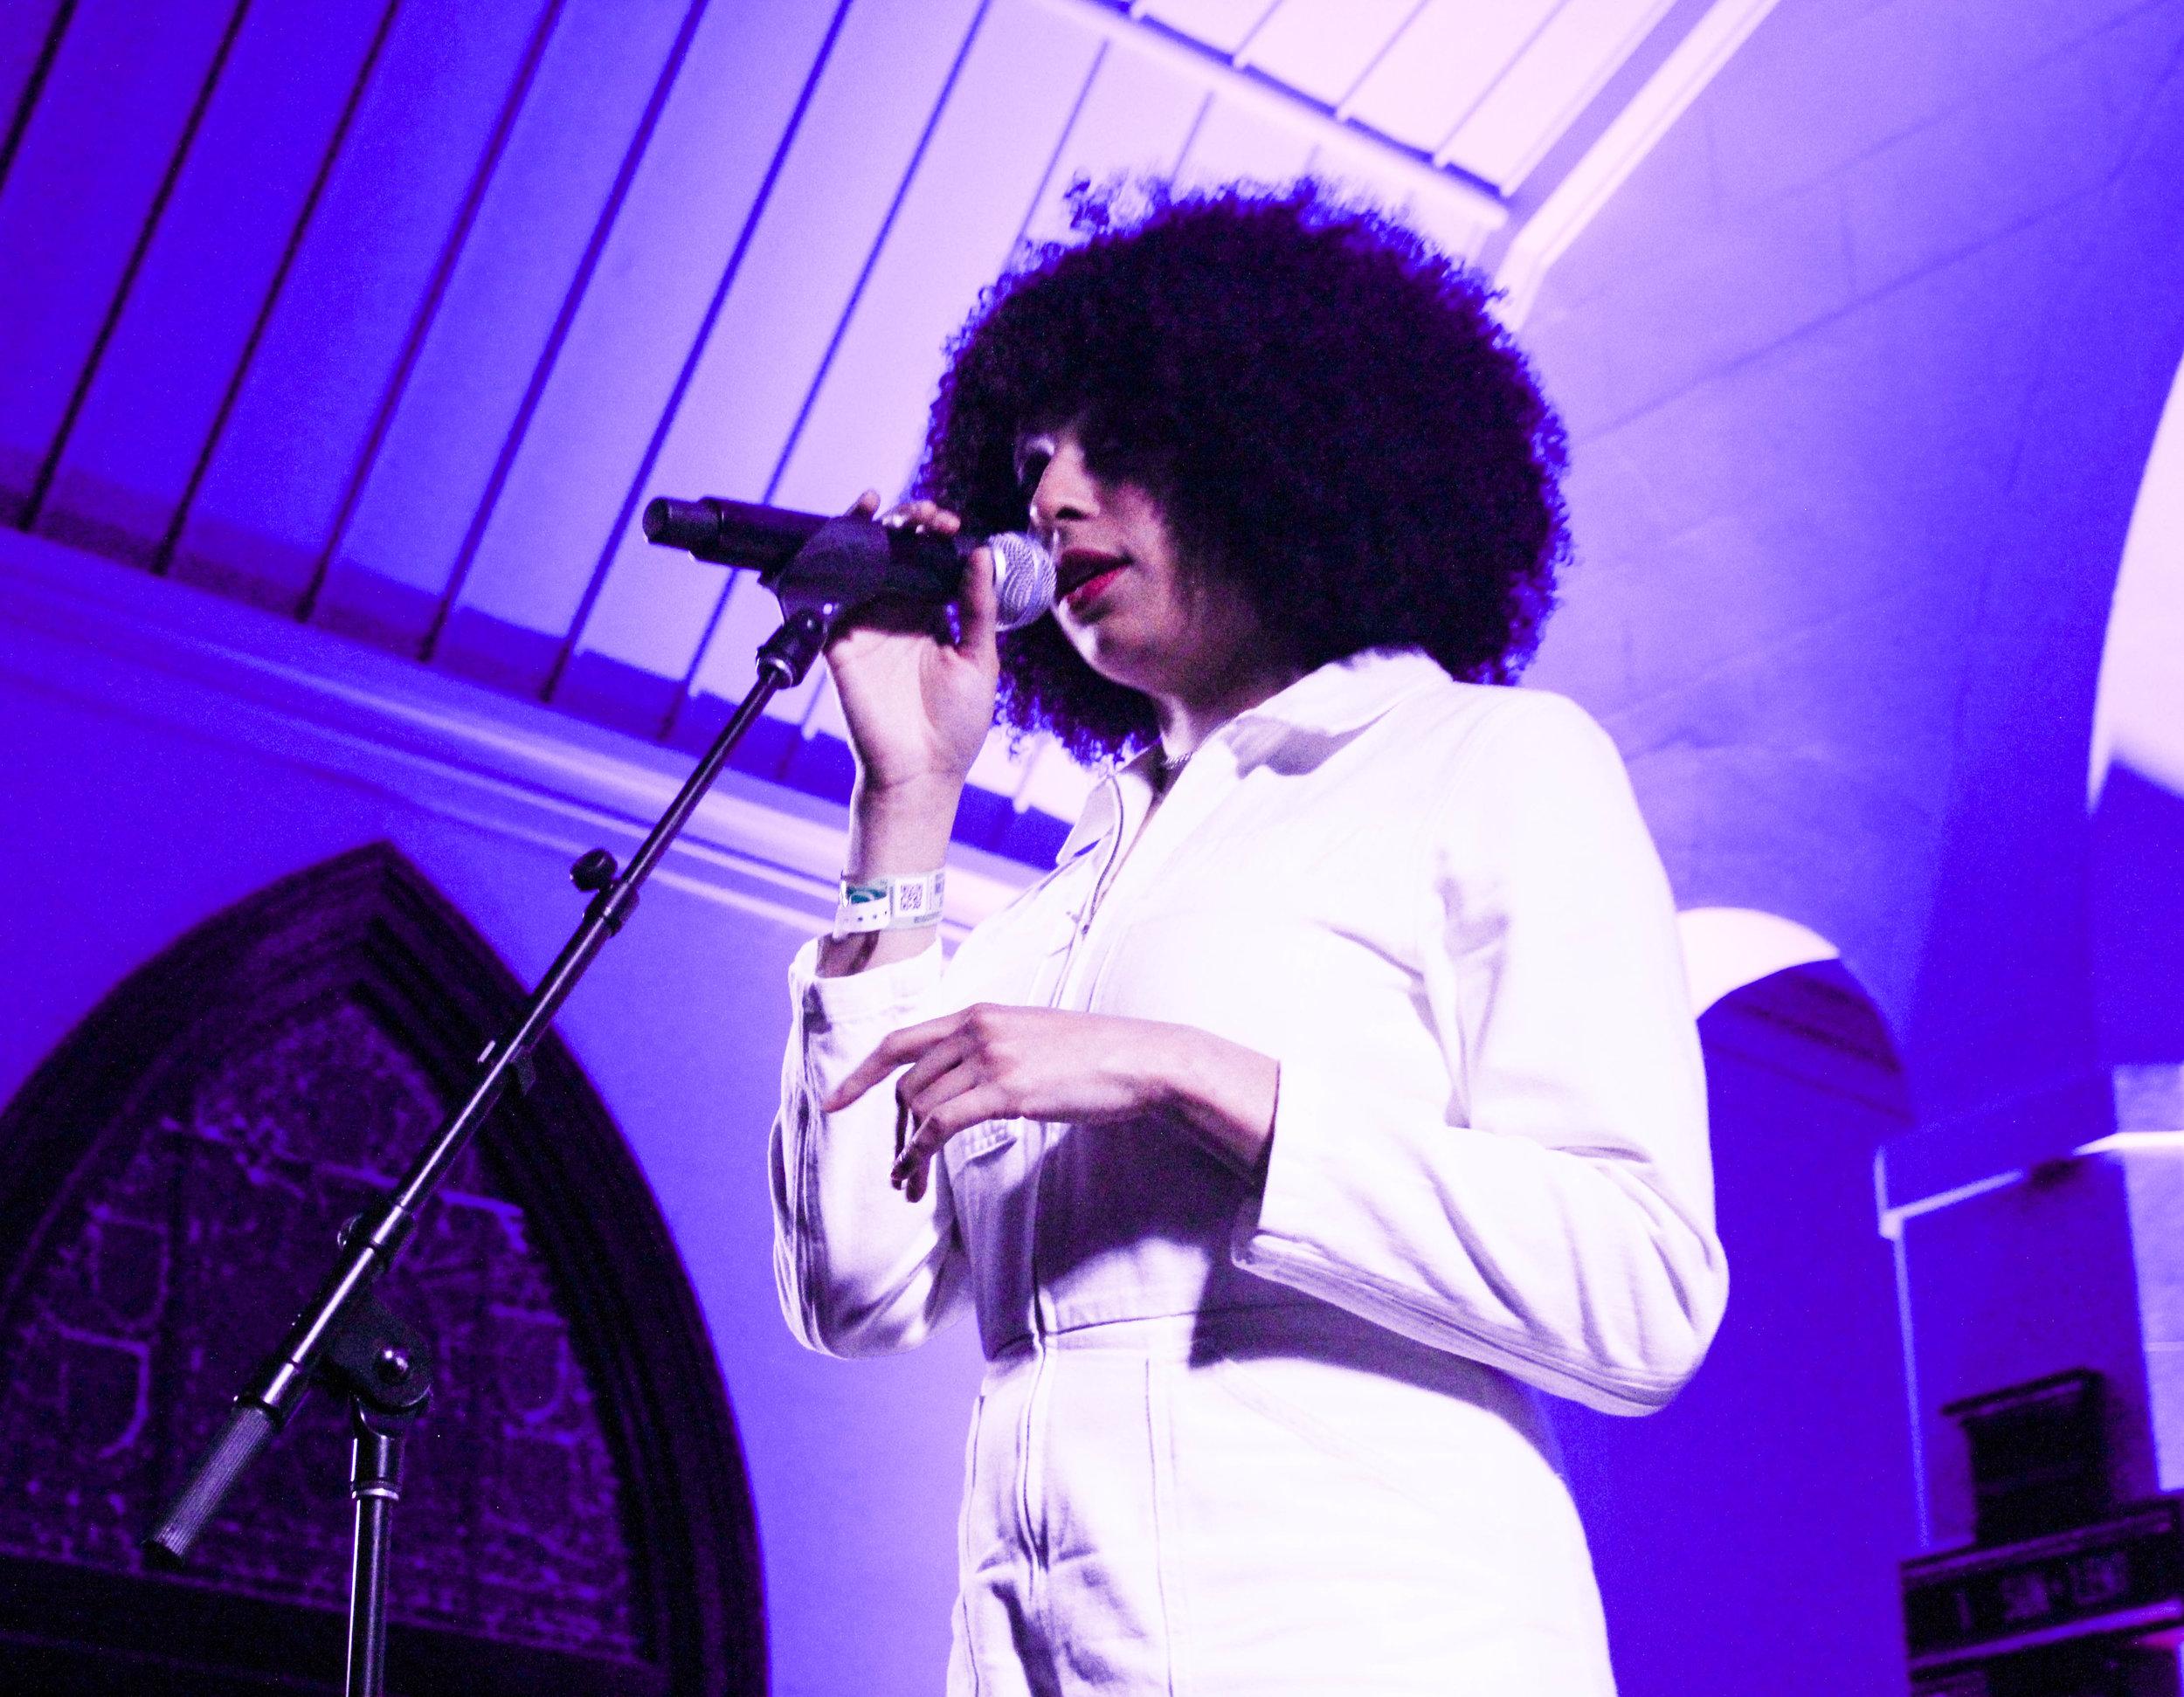 Photo © Concentus Music - Celeste at SXSW